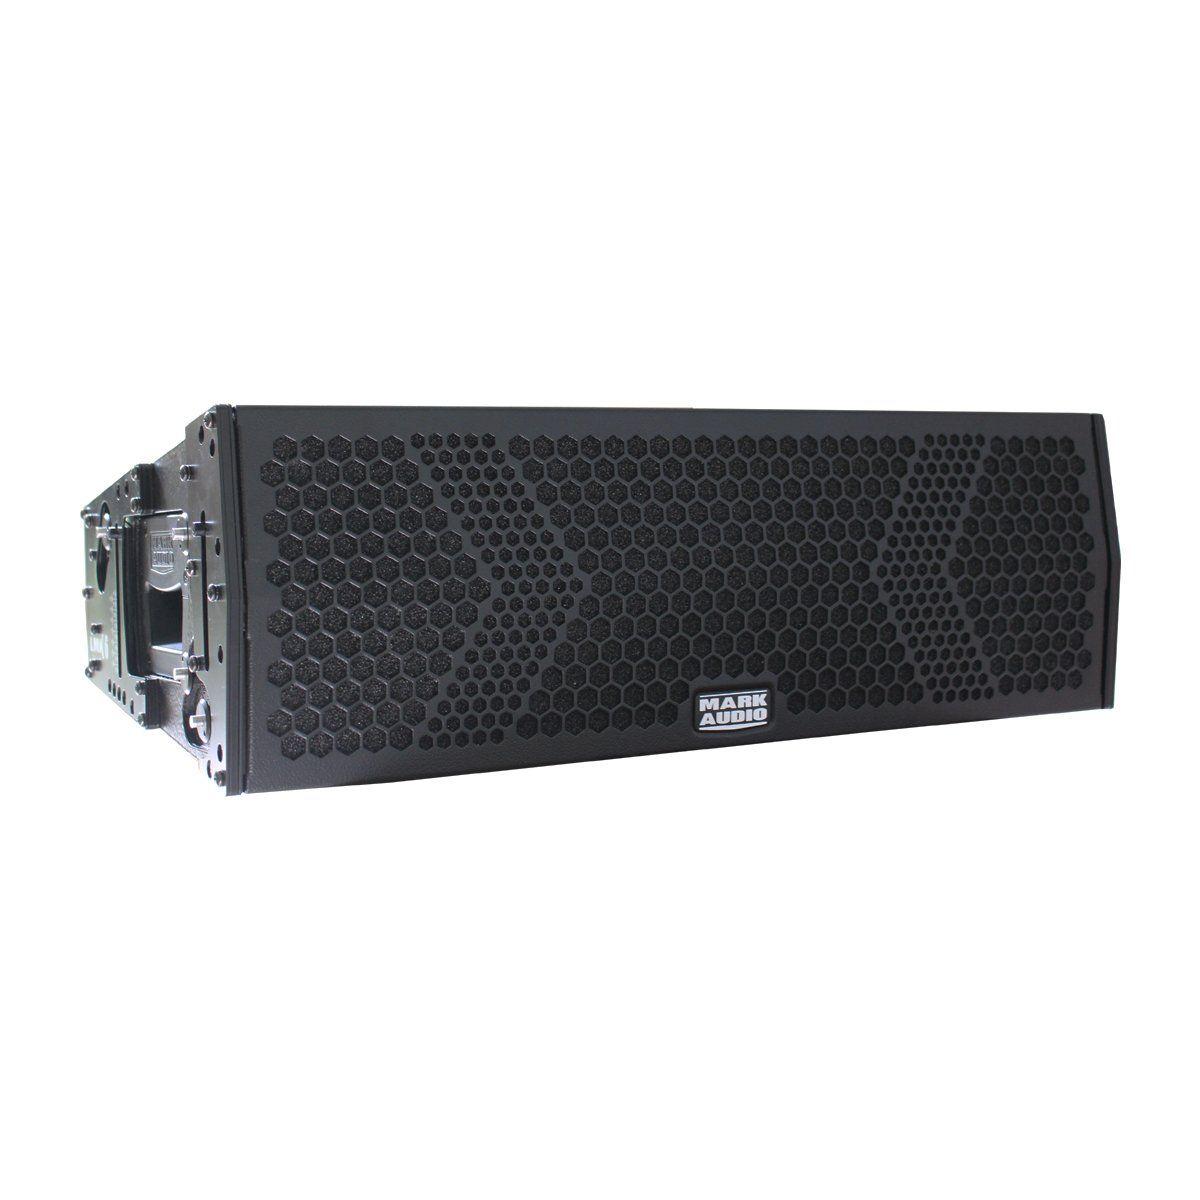 Caixa Line Array Mark Audio LMK6 Falante 6 Polegadas 765W